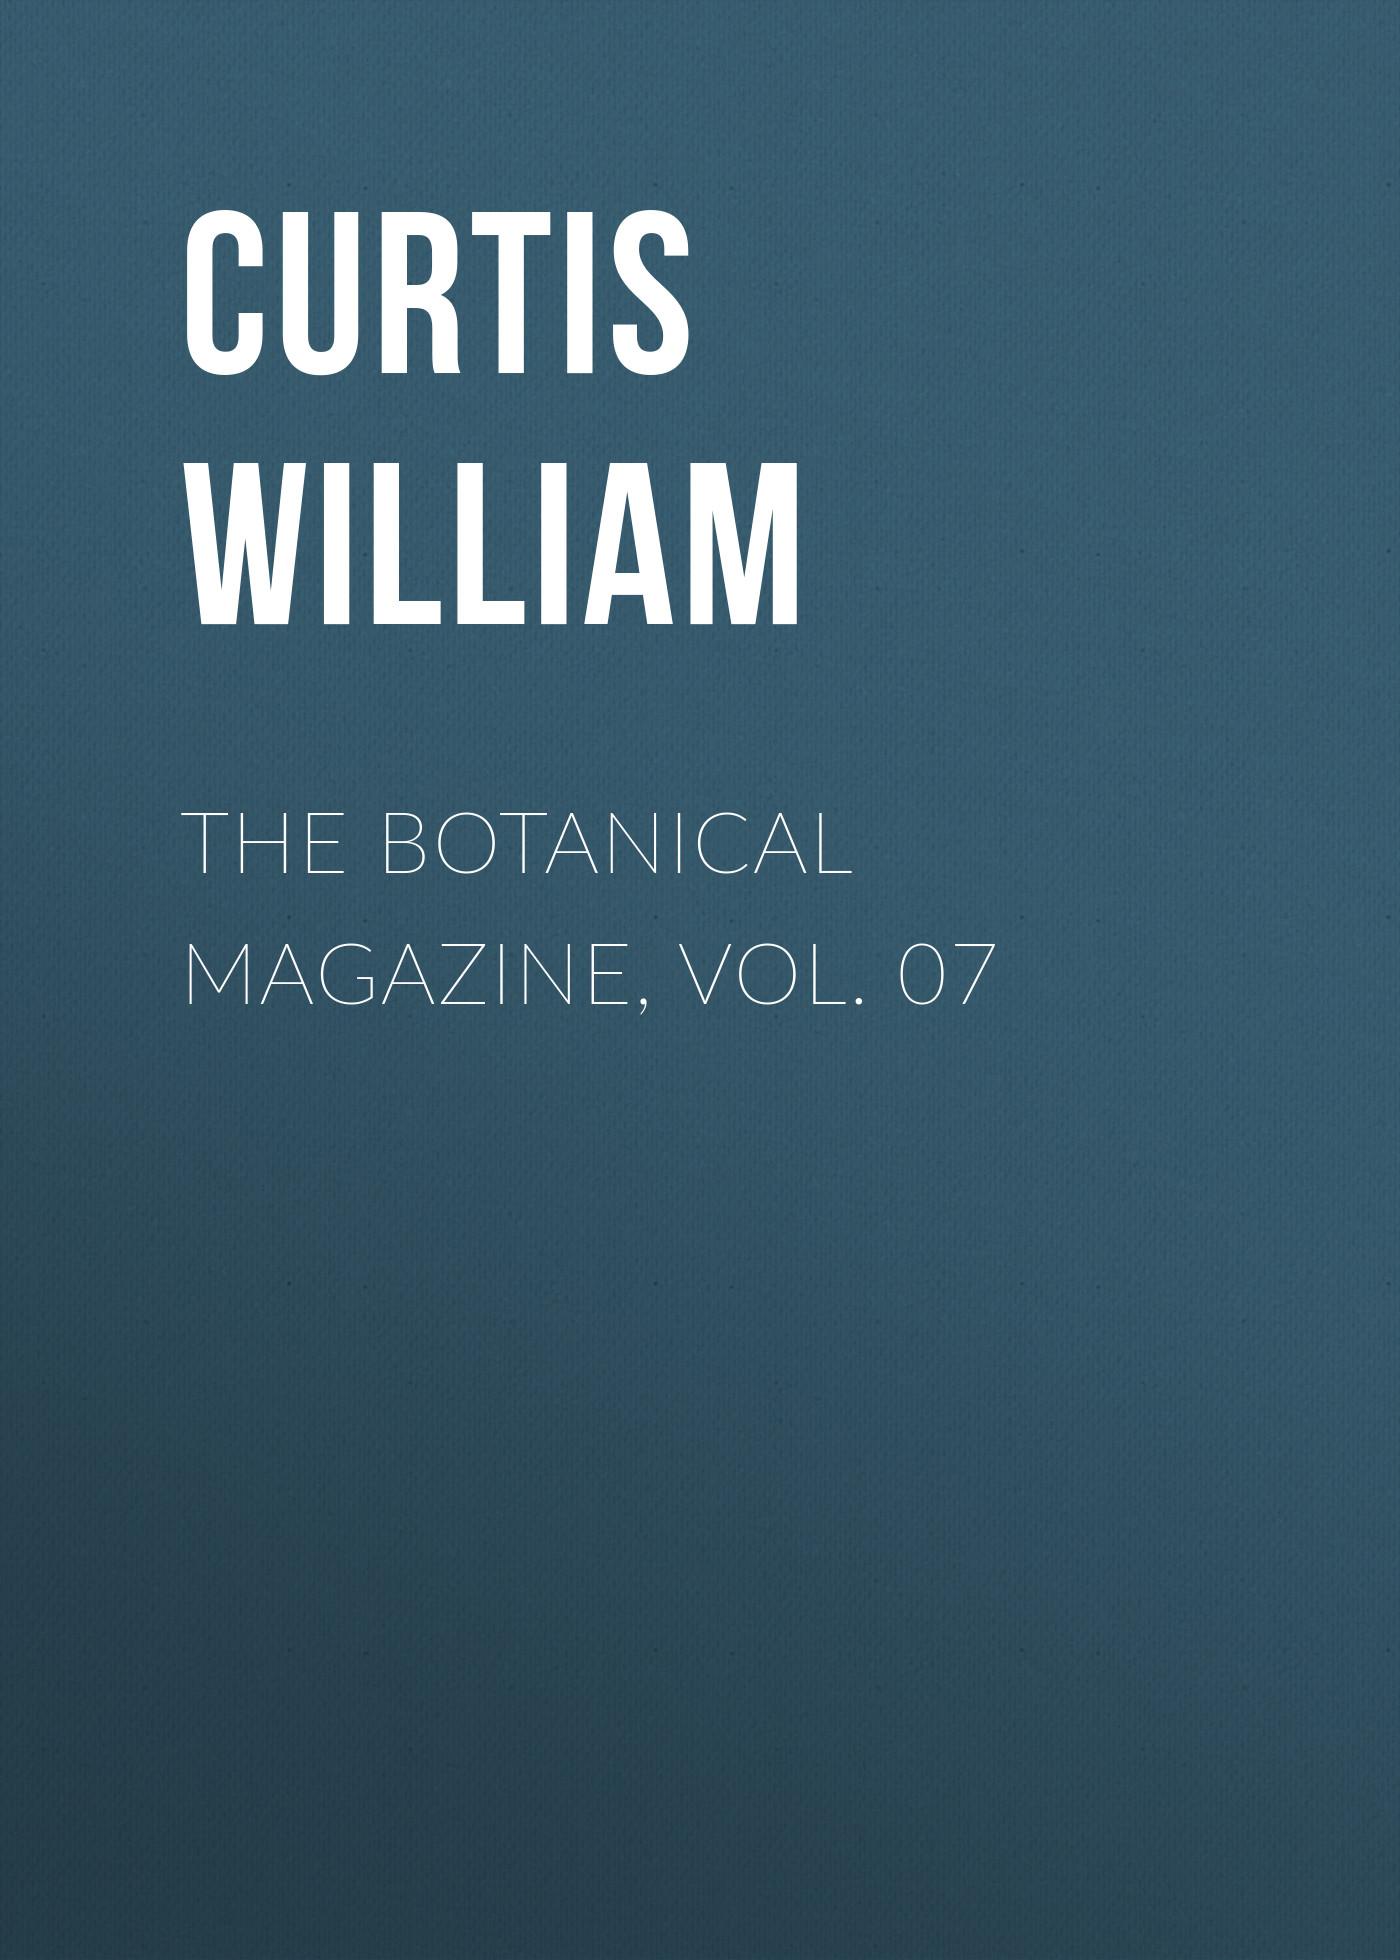 Curtis William The Botanical Magazine, Vol. 07